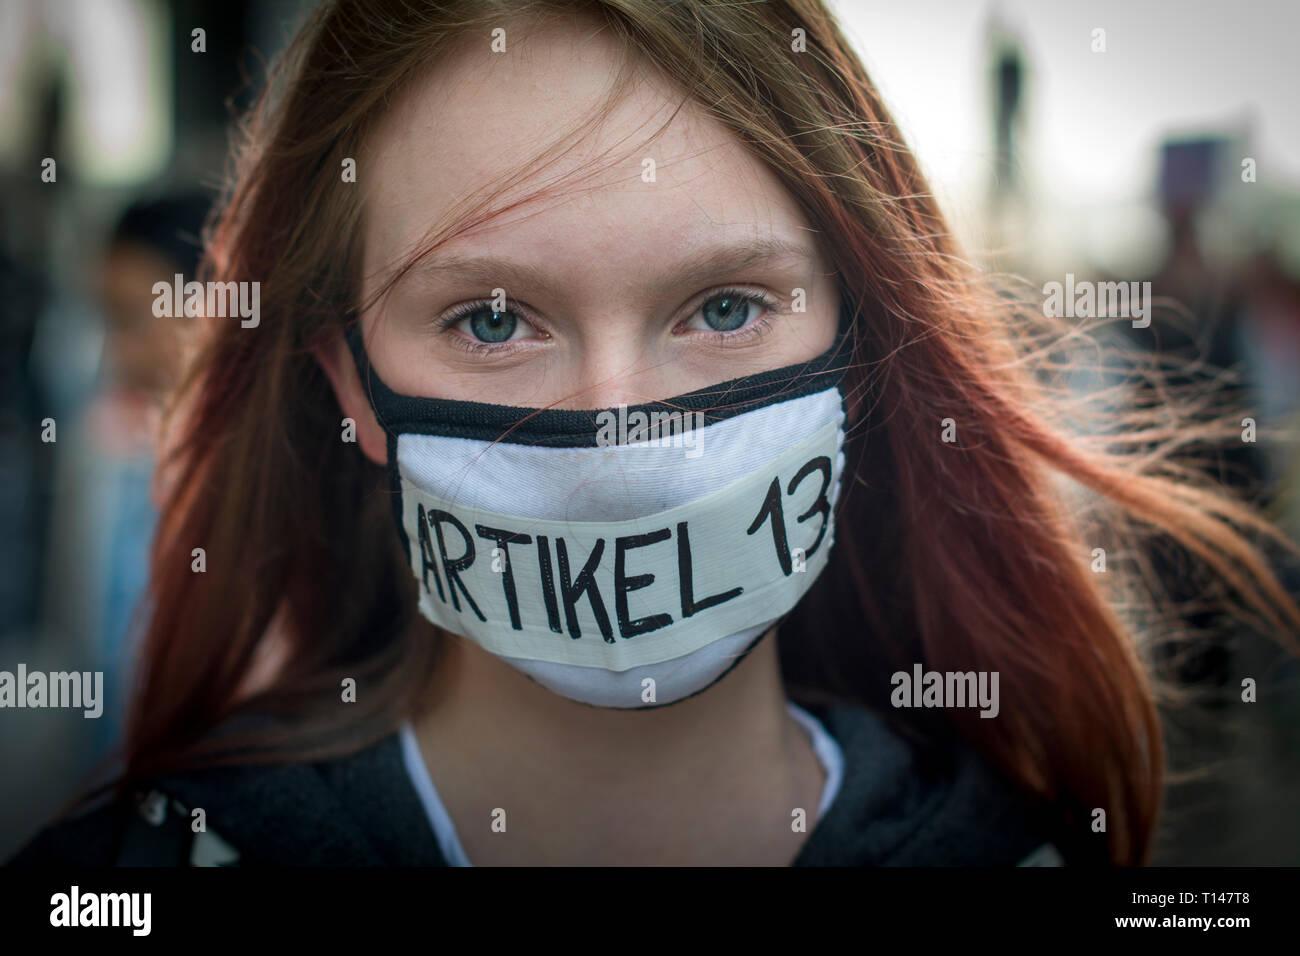 Speichern Sie Ihre Internet Protest in Leipzig, Deutschland. Protest gegen die Richtlinie über das Urheberrecht bekannt als Artikel 13 offiziell die EU-Richtlinie zum Urheberrecht in der digitalen Binnenmarkt genannt, erfordert es die Gleichen von YouTube, Facebook und Twitter mehr Verantwortung für urheberrechtlich geschütztes Material illegal auf ihren Plattformen gemeinsam genutzt wird. Es ist, als Artikel 13 seiner umstrittensten serction bekannt. Kritiker behaupten, es sei eine schädliche Auswirkung auf Entwickler haben wird. Credit: Craig Stennet/Alamy Live News 23/03/2019 Leipzig, Deutschland Stockfoto